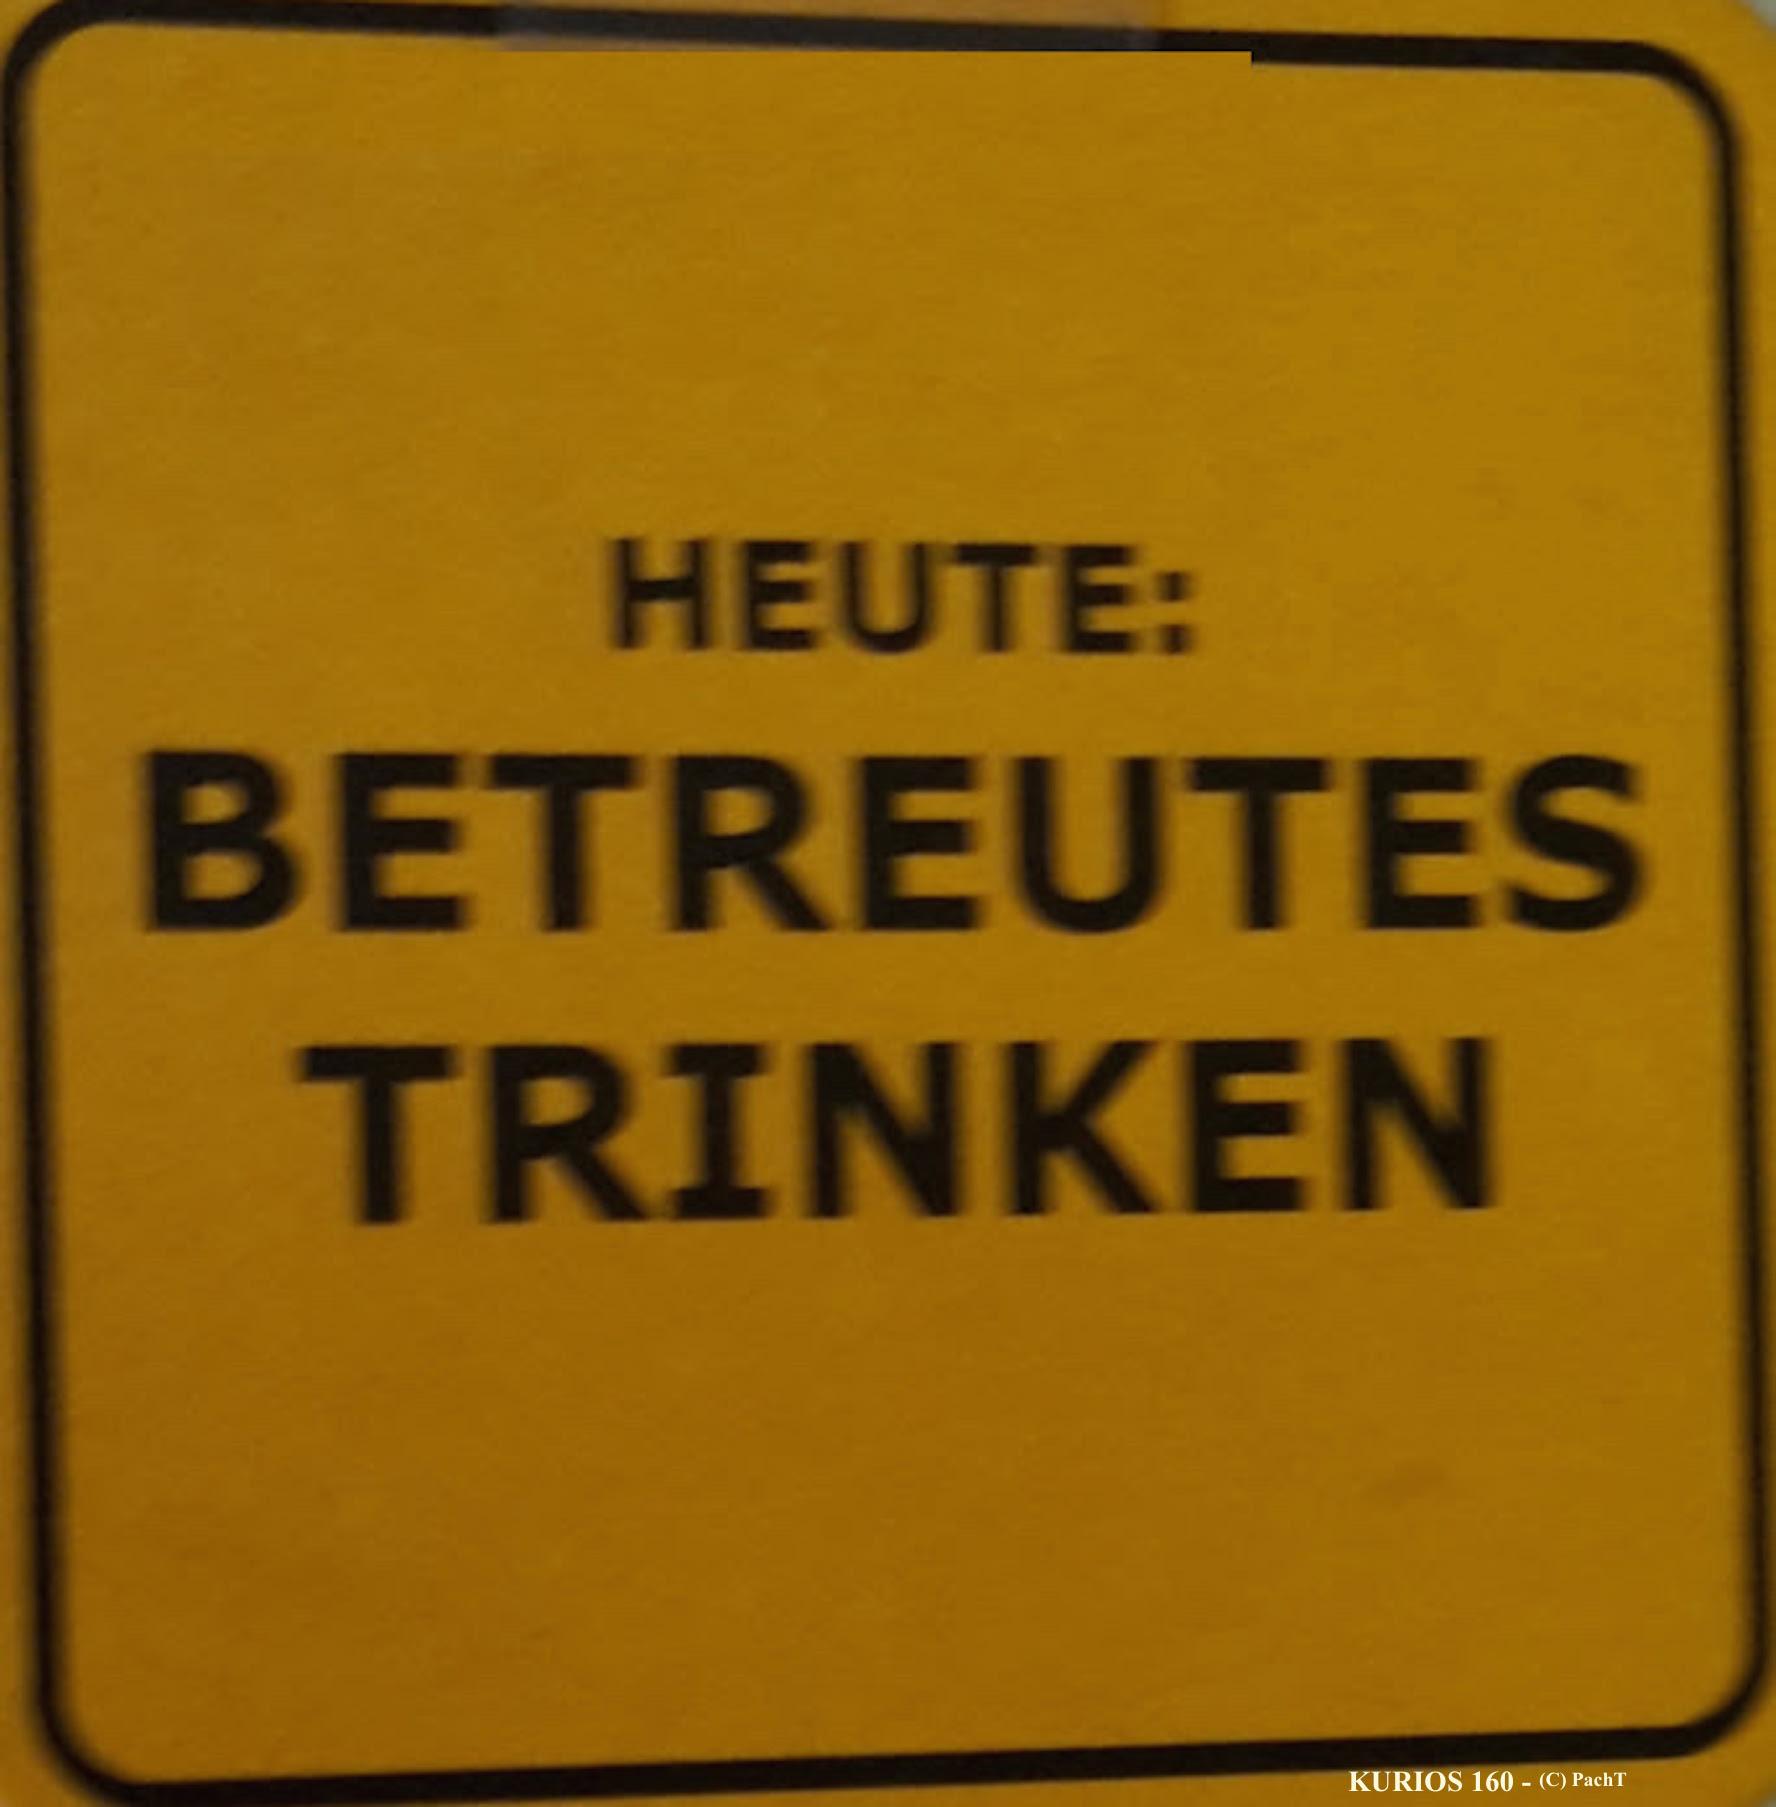 KURIOS 160 Betreutes TRINKEN